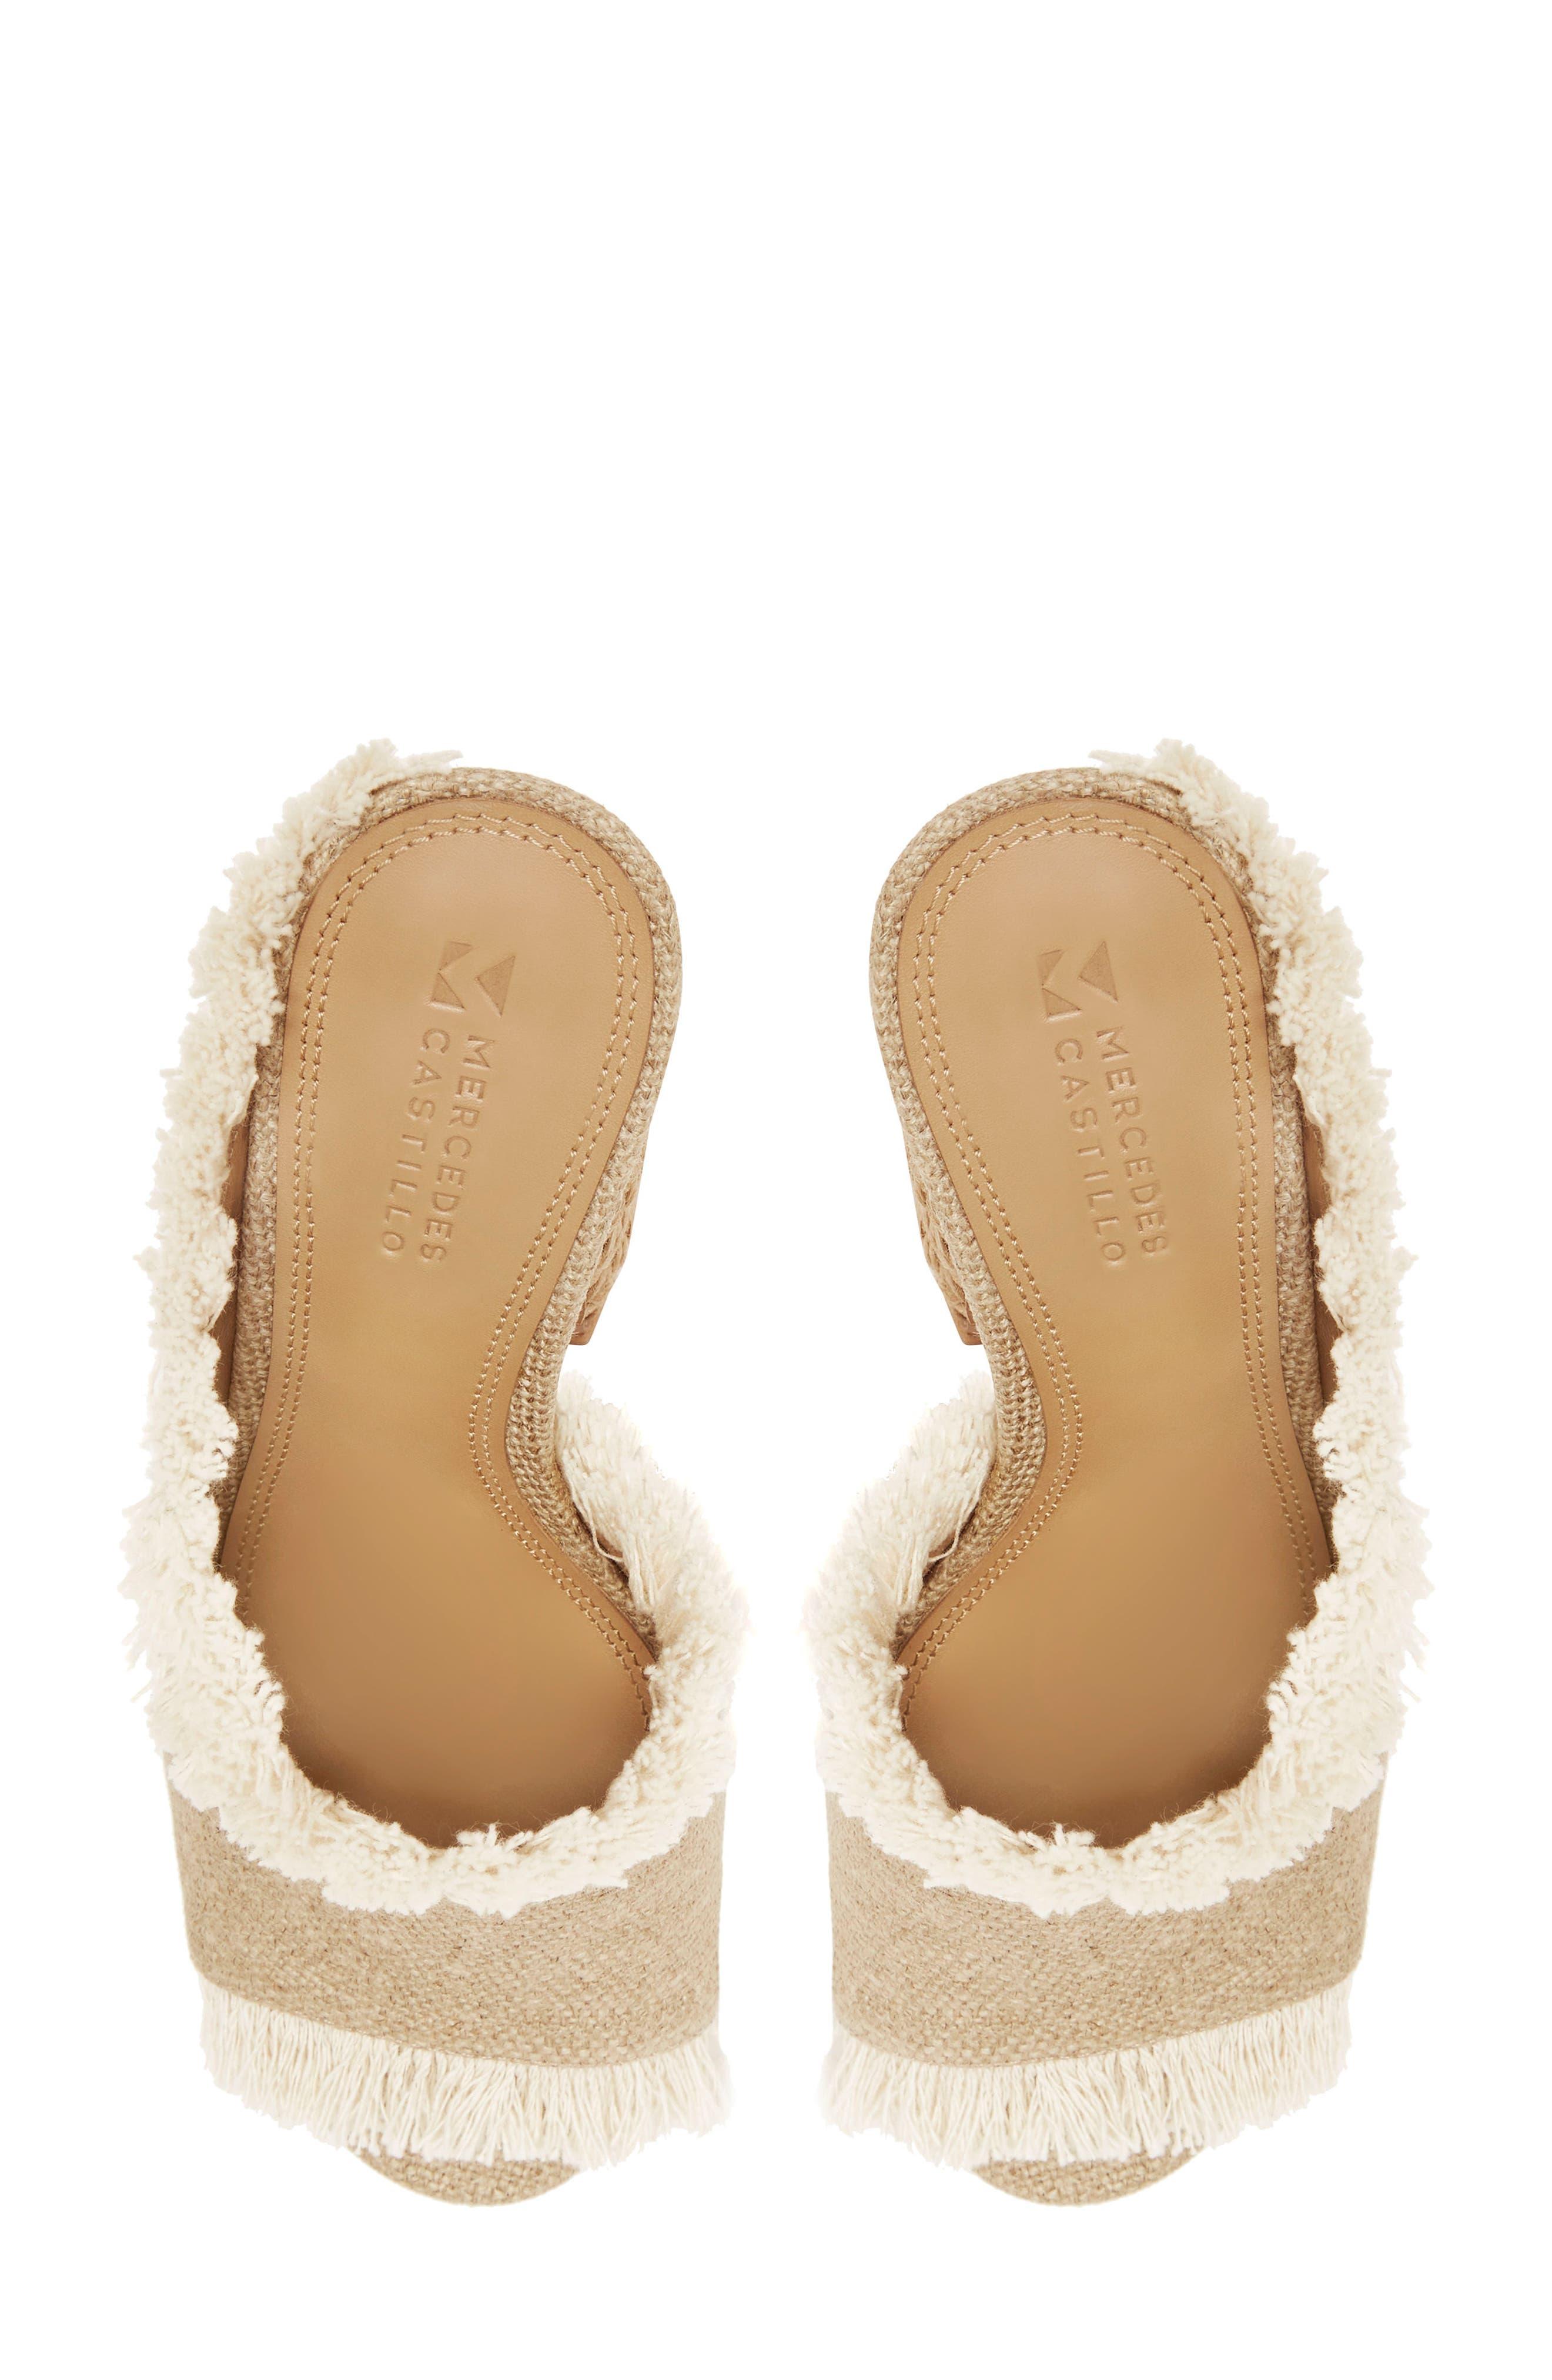 Izar Fringe Asymmetrical Sandal,                             Alternate thumbnail 7, color,                             250